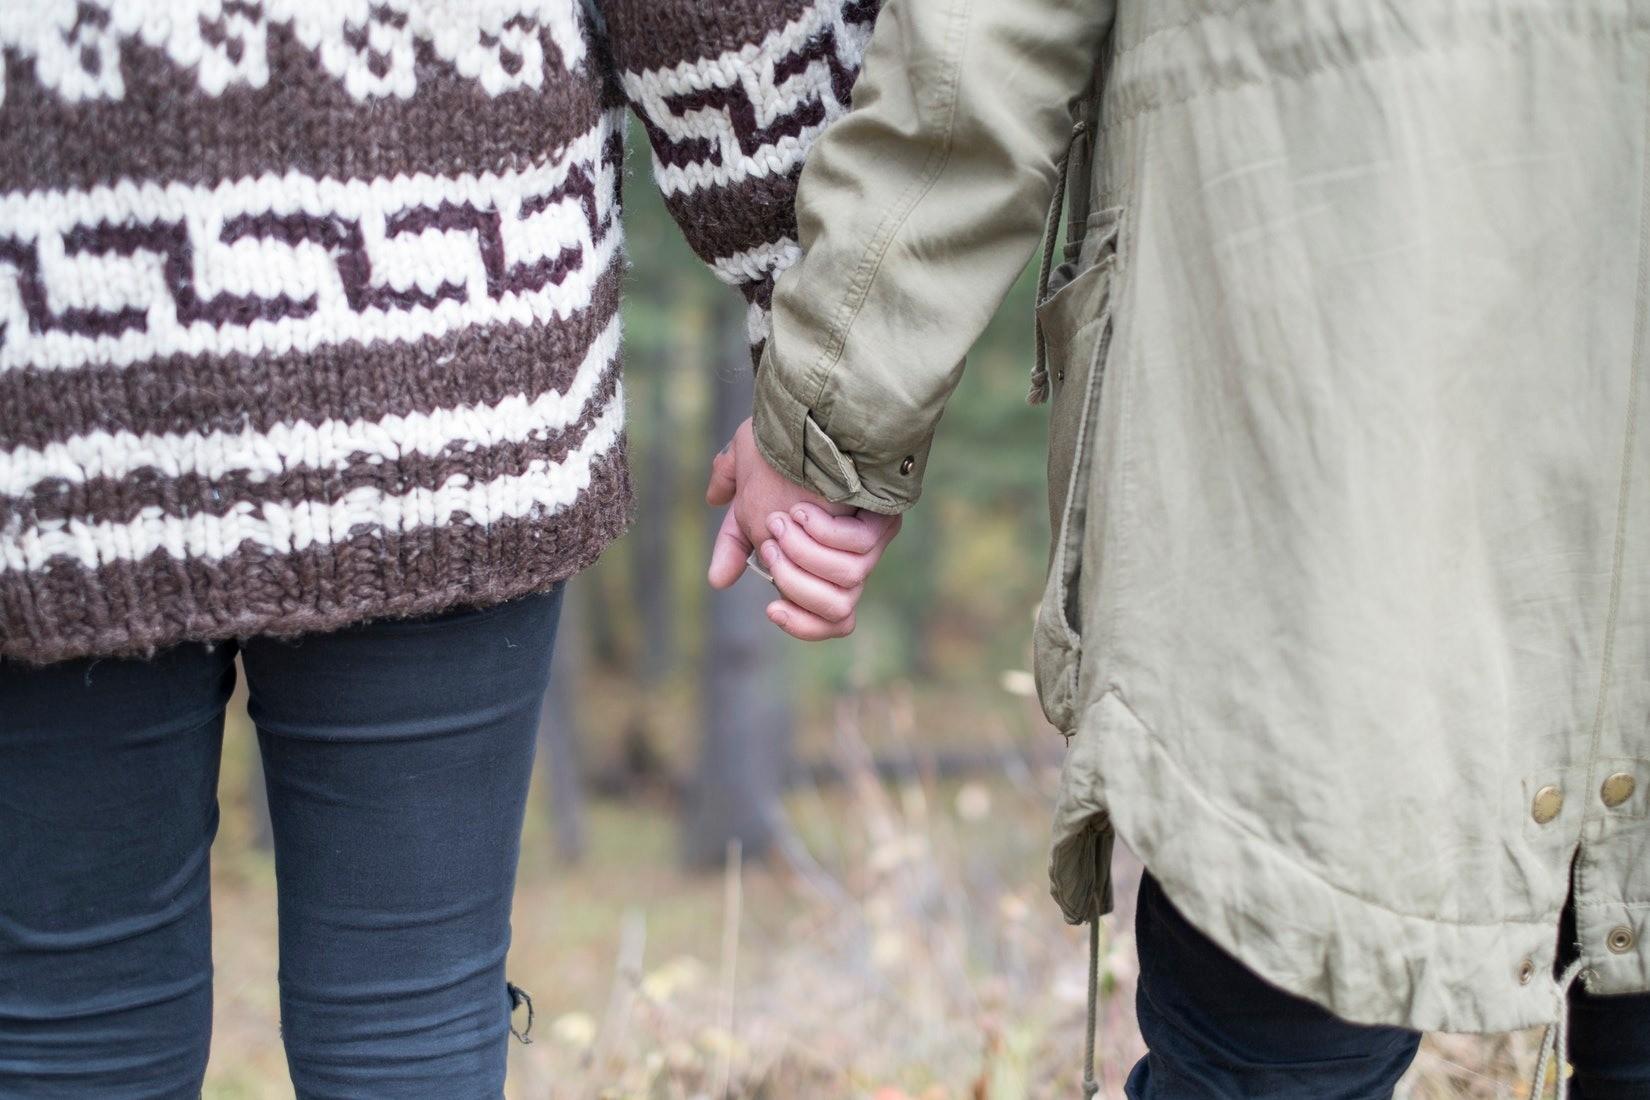 Самая популярная детская травма, которая проявляется в отношениях: как победить чувство вины и долга?